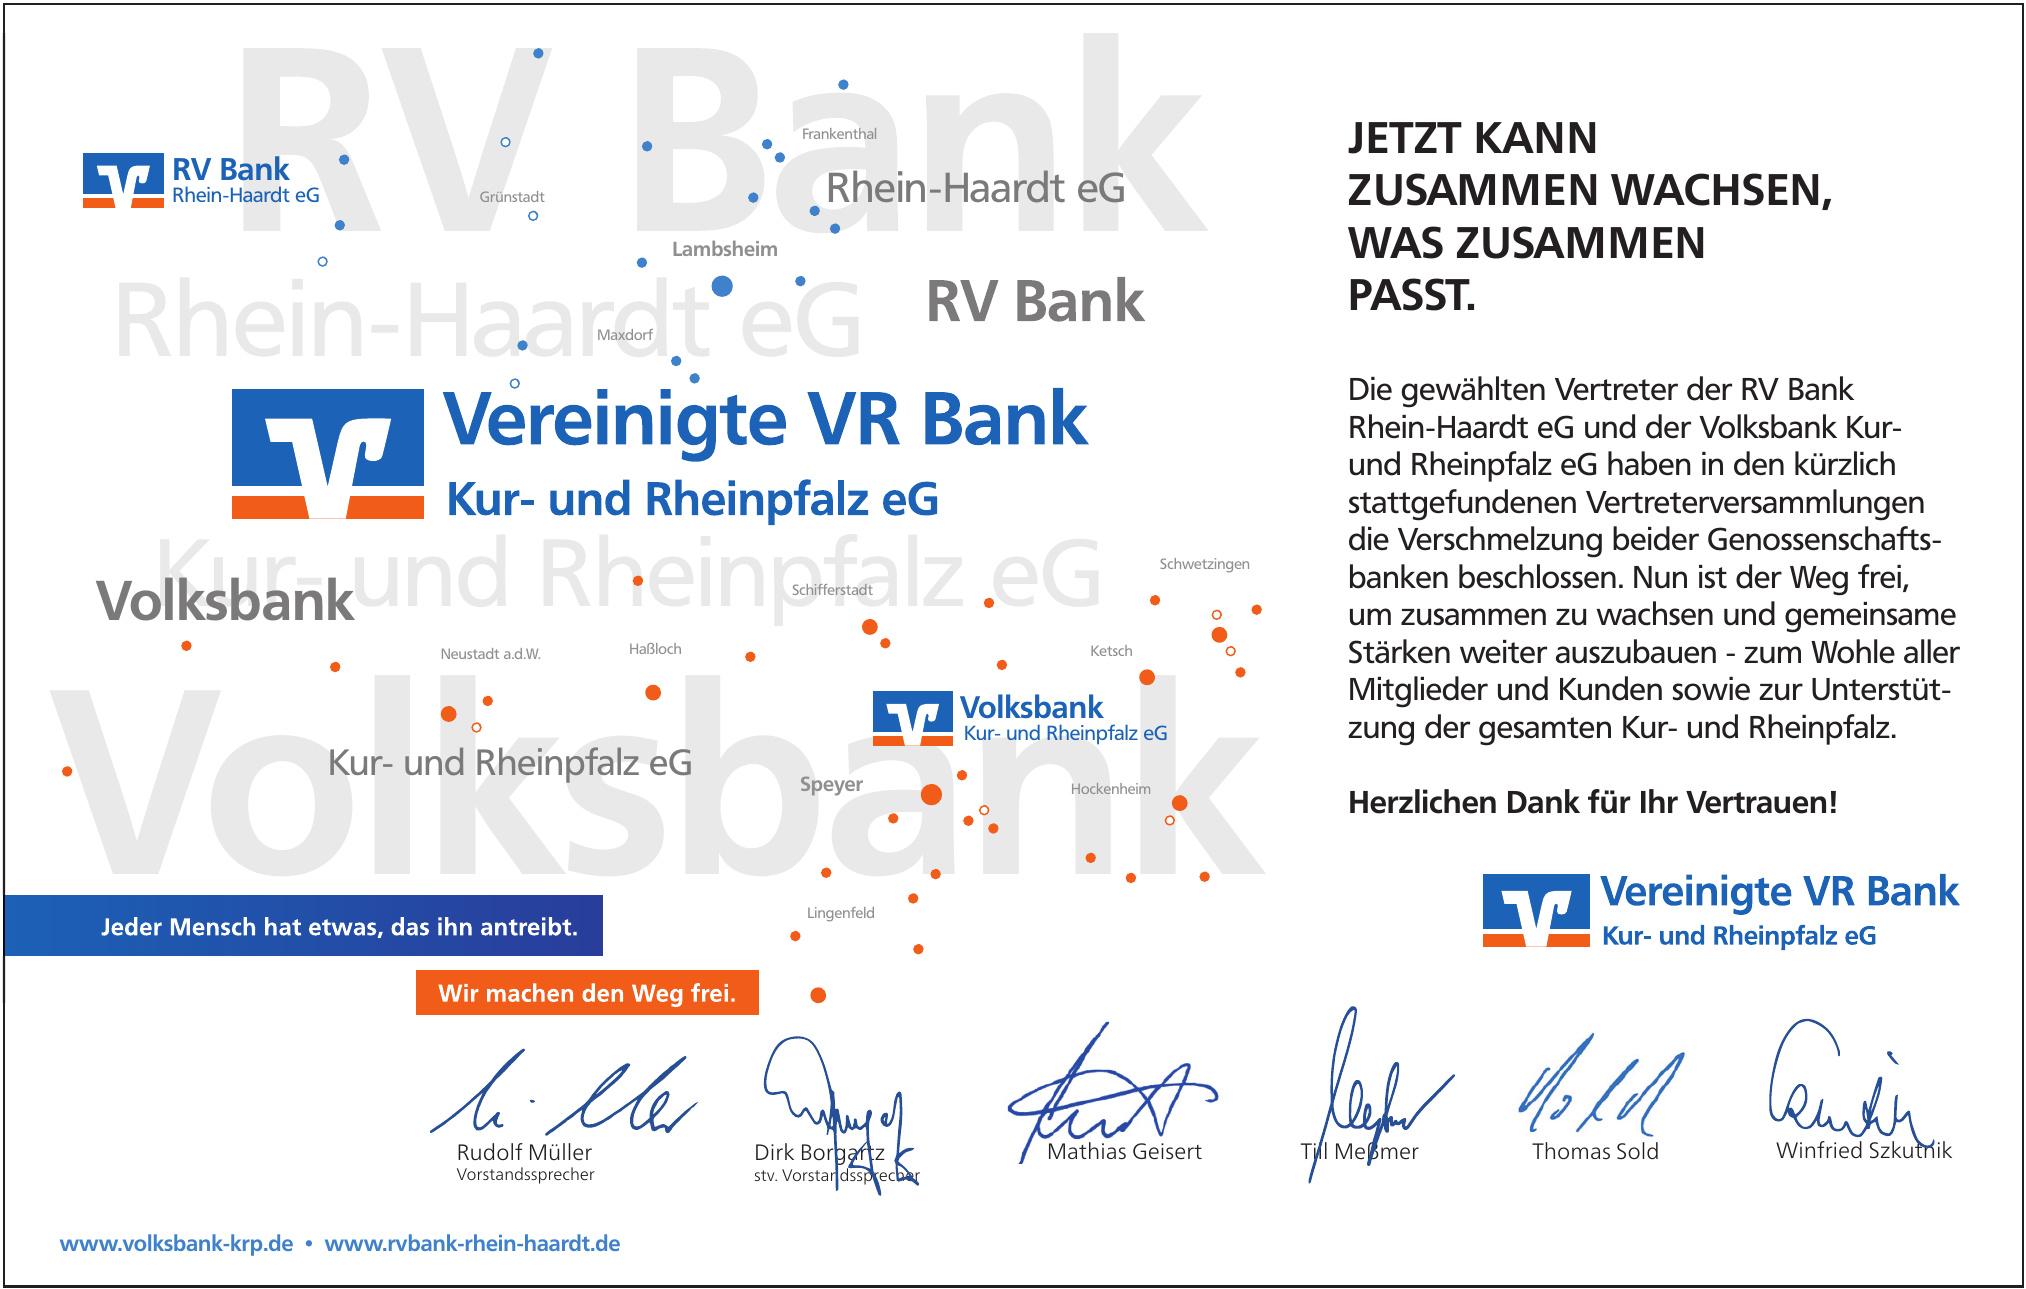 Vereinigte VR Bank Kur- und Rehinpflaz eG